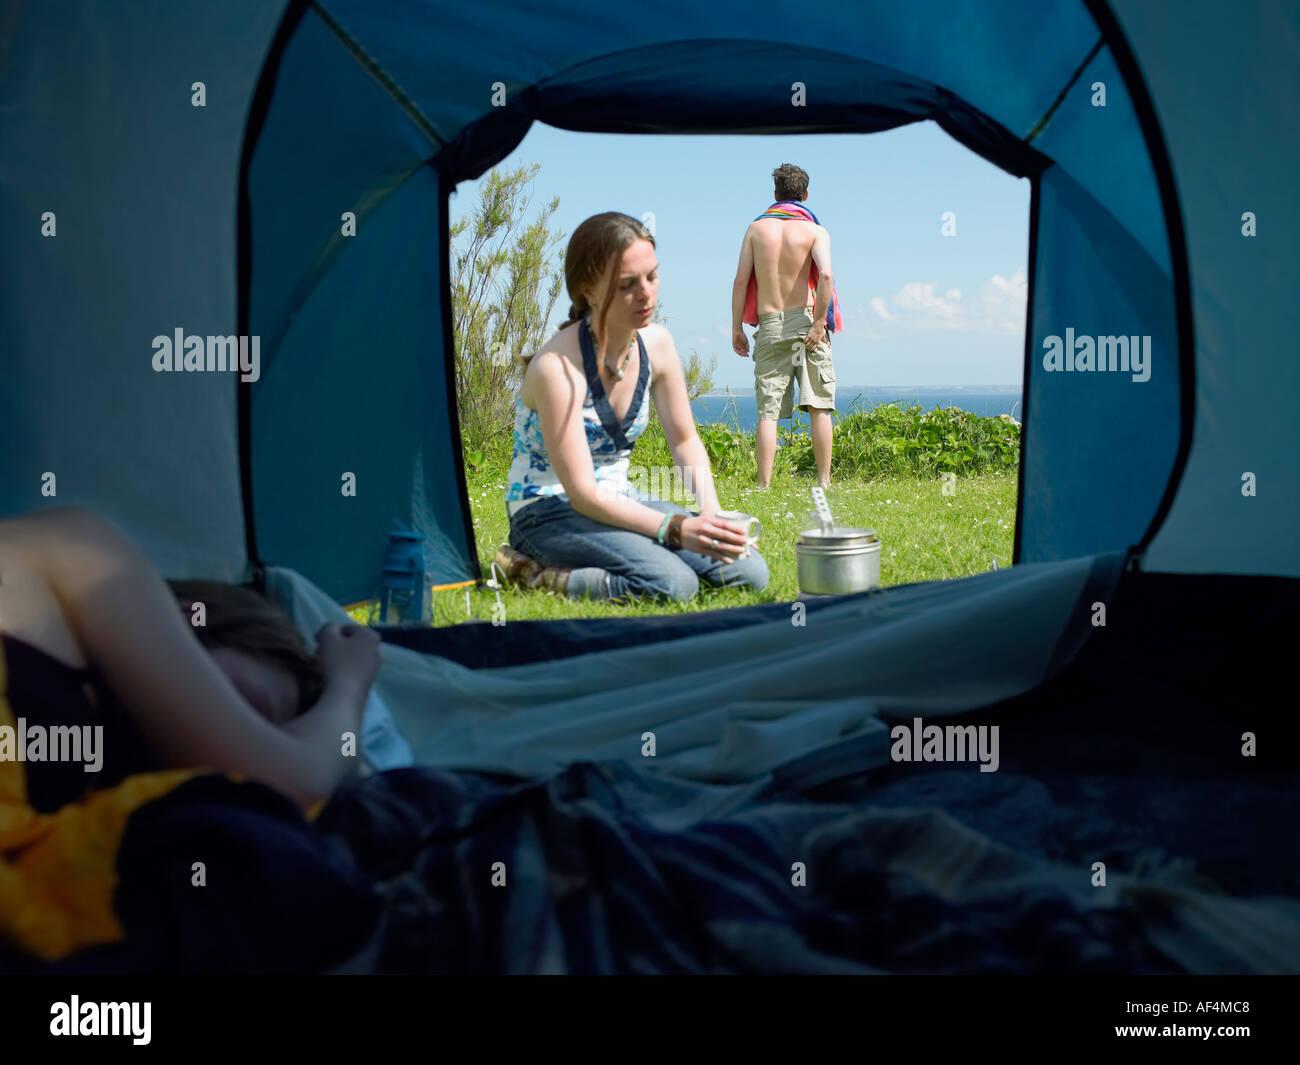 Blick durch Zelt öffnen mit jungen Frauen schlafen innen, während ein anderes mit einem jungen männlichen Stockbild